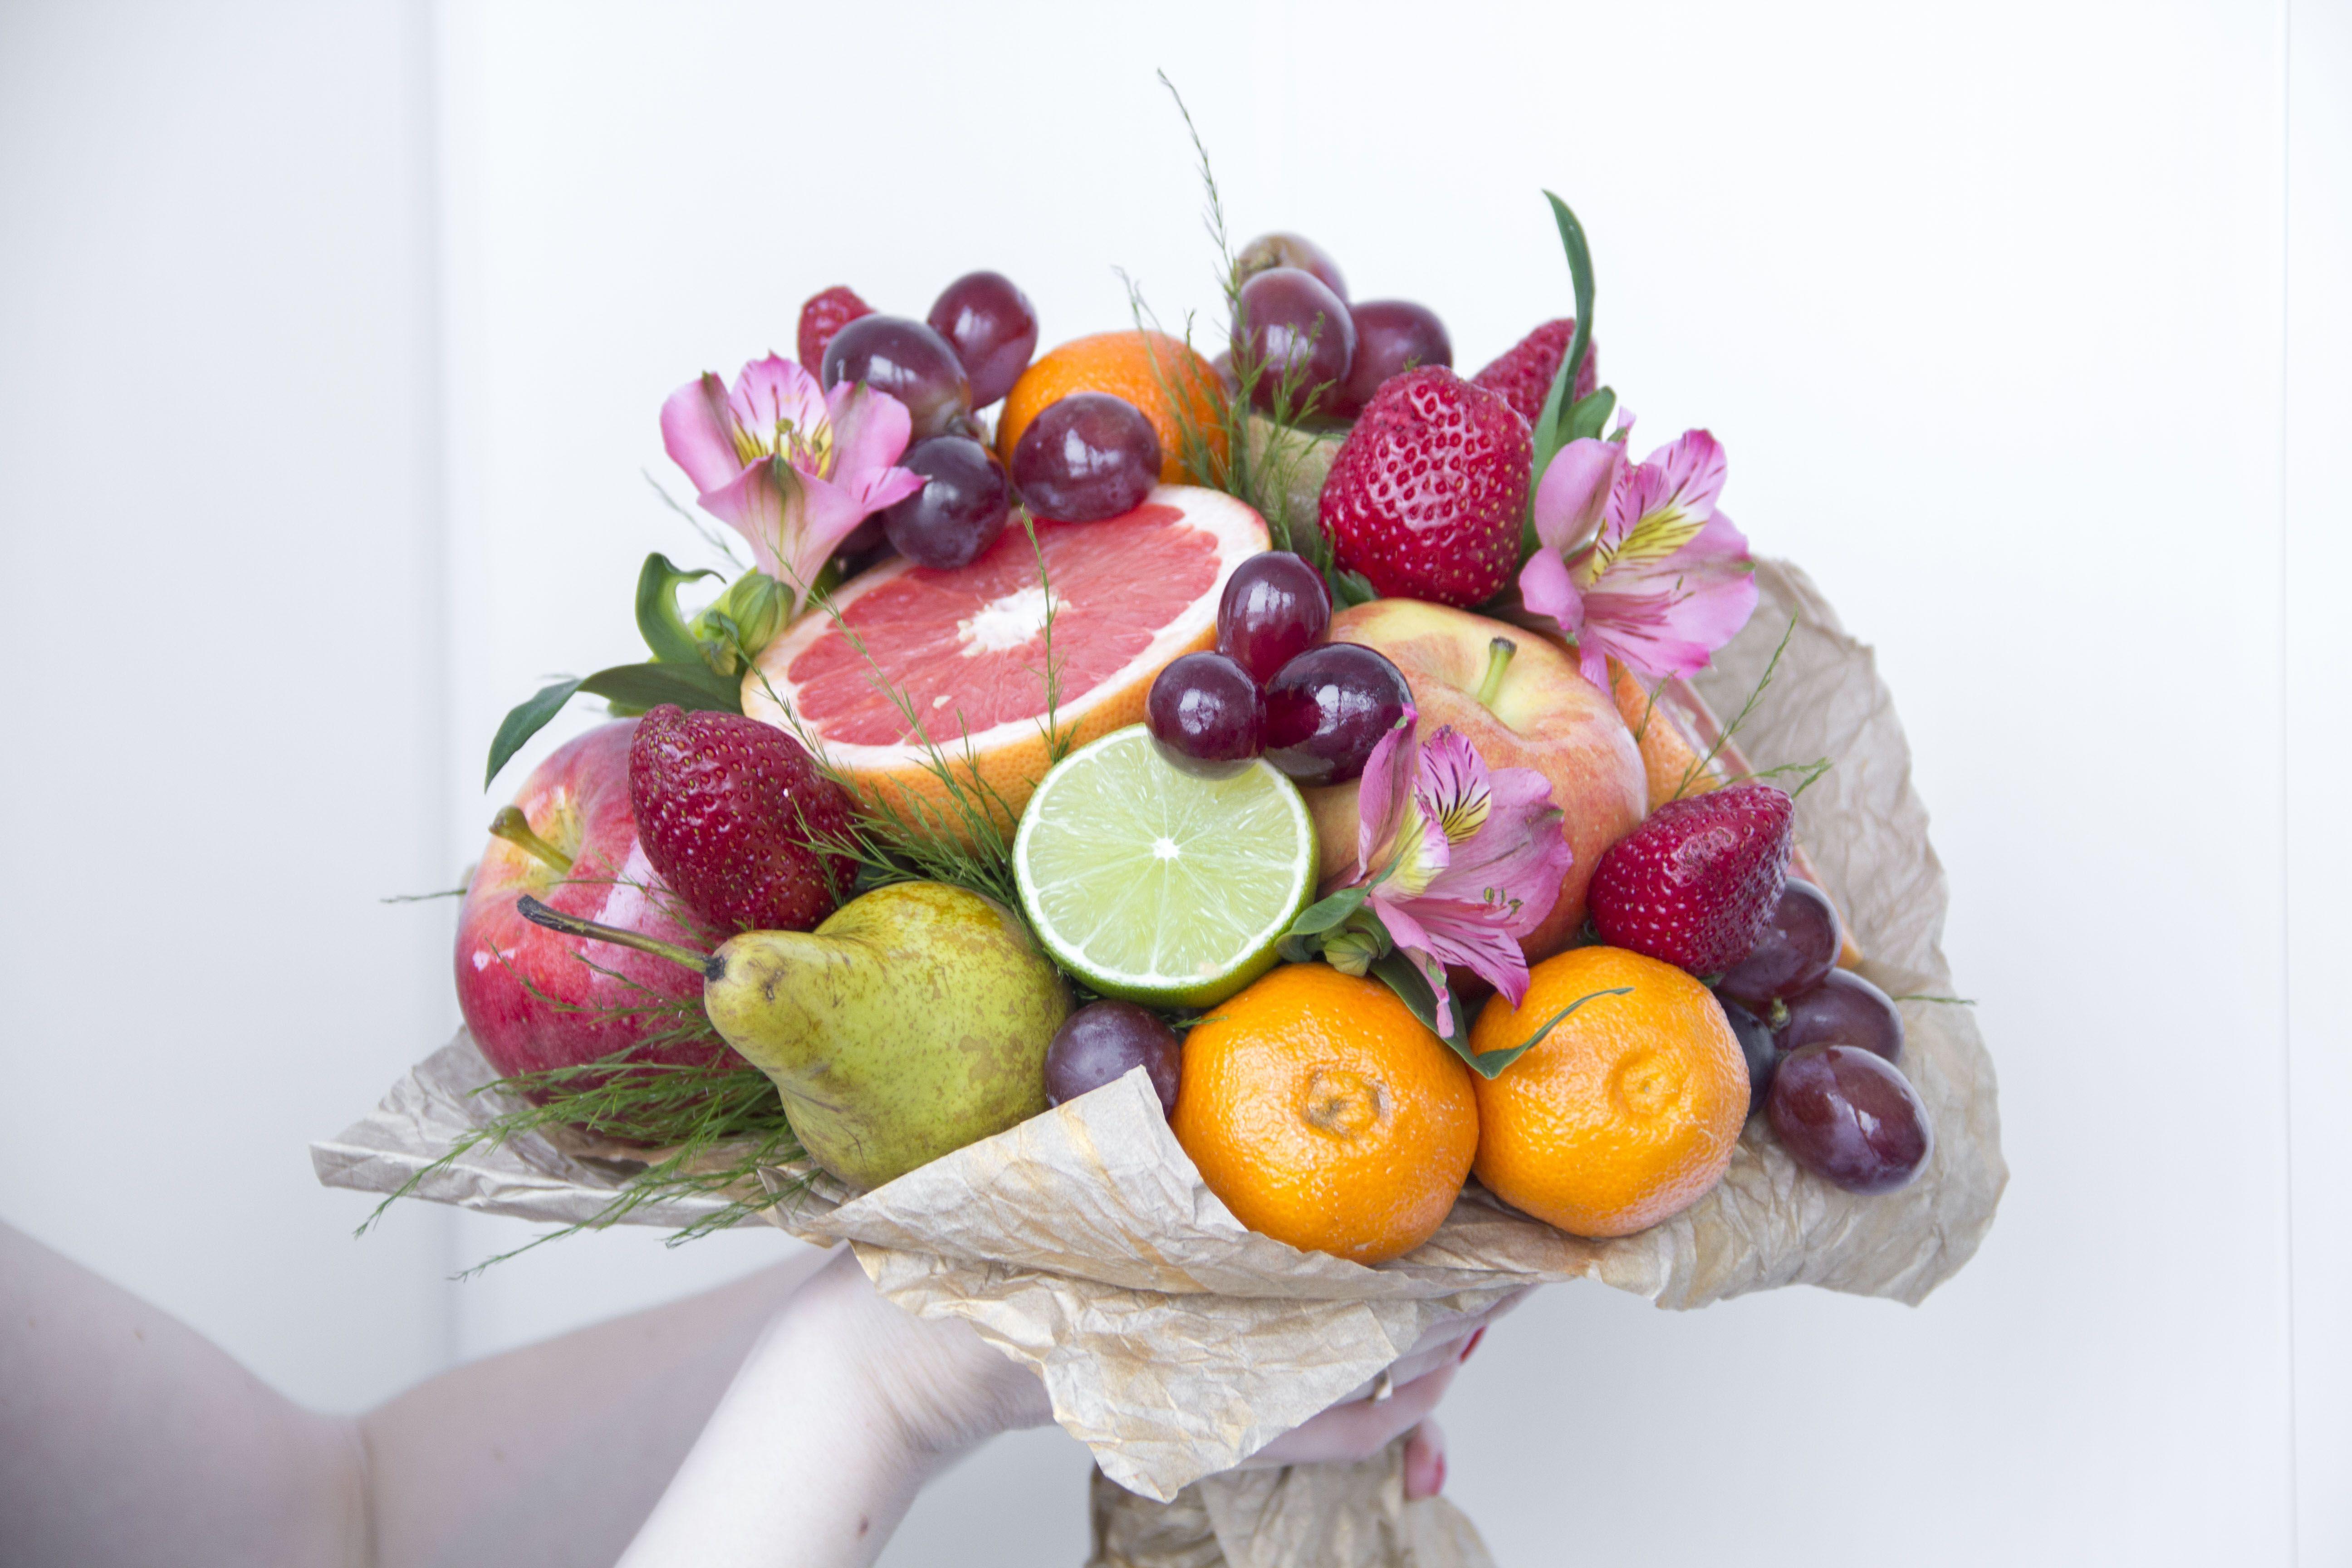 Картинки букетов из фруктов и конфет, рисунок волка